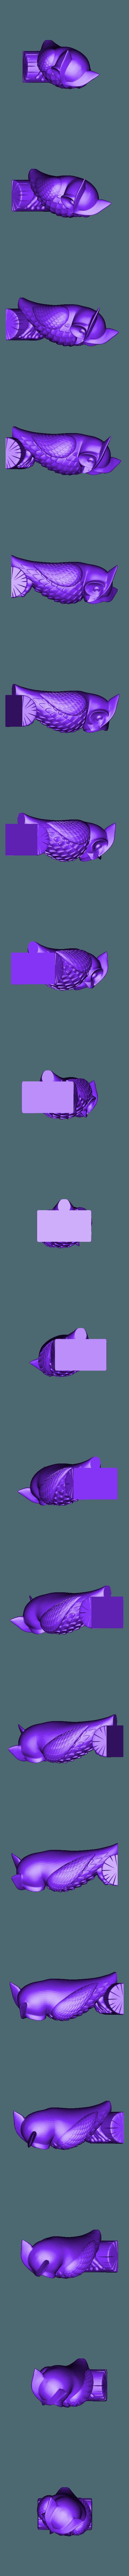 OWL.stl Télécharger fichier STL gratuit Support pour hibou • Plan imprimable en 3D, niceandeasy